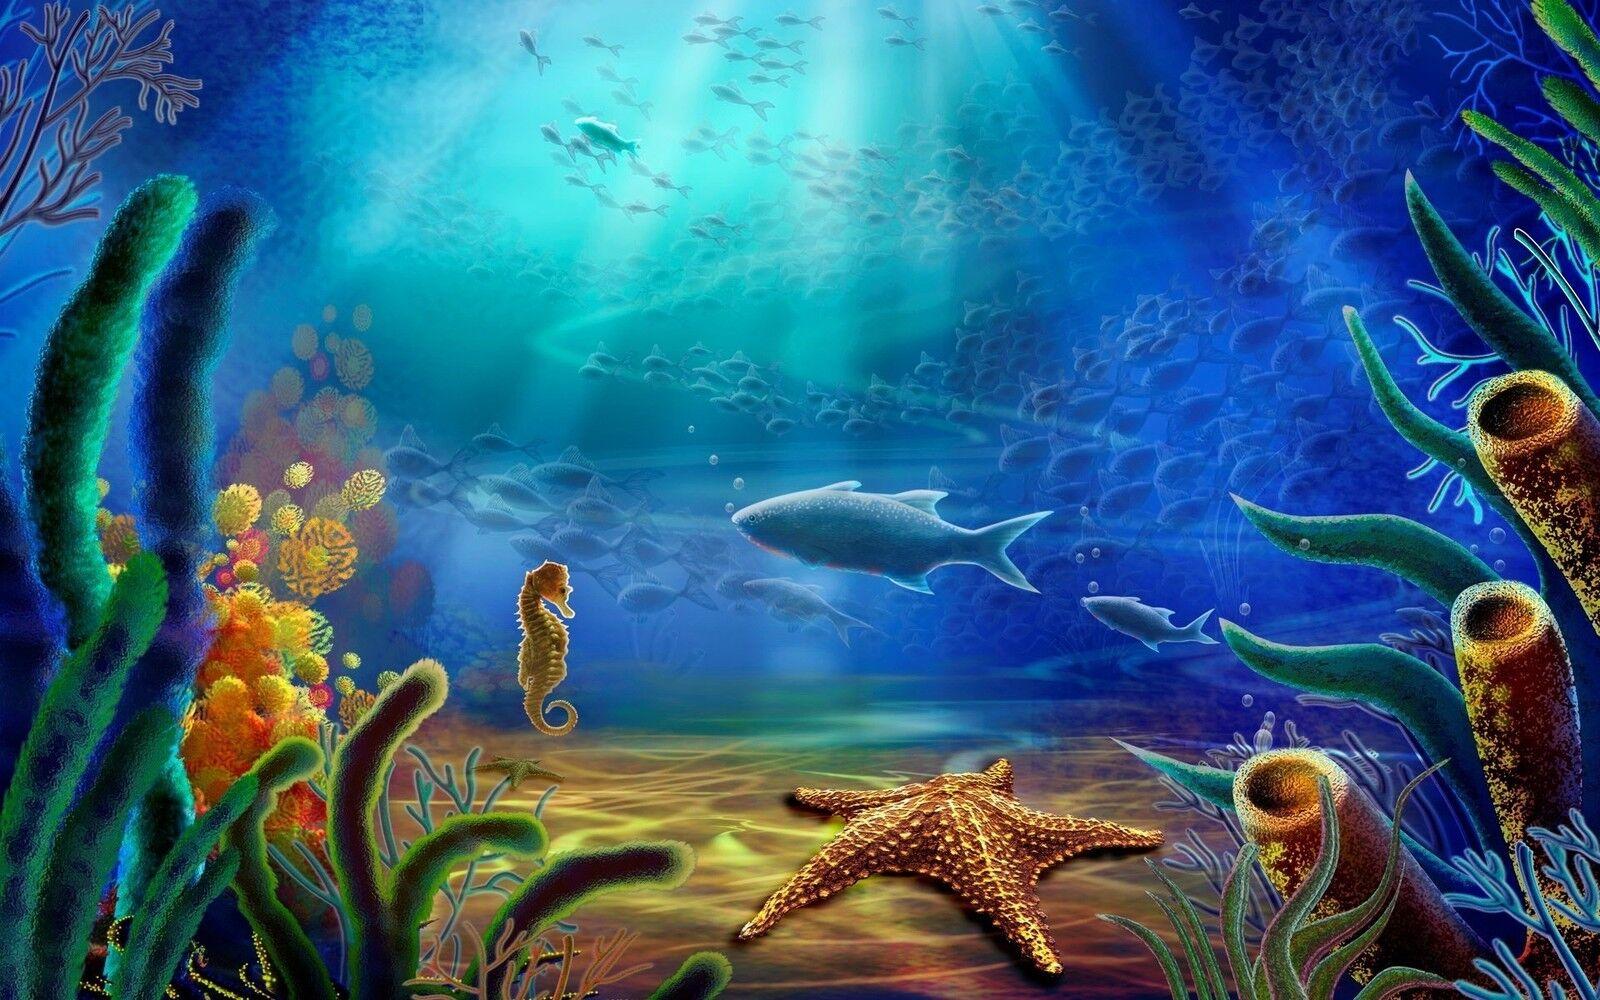 The Mermaid's Lair